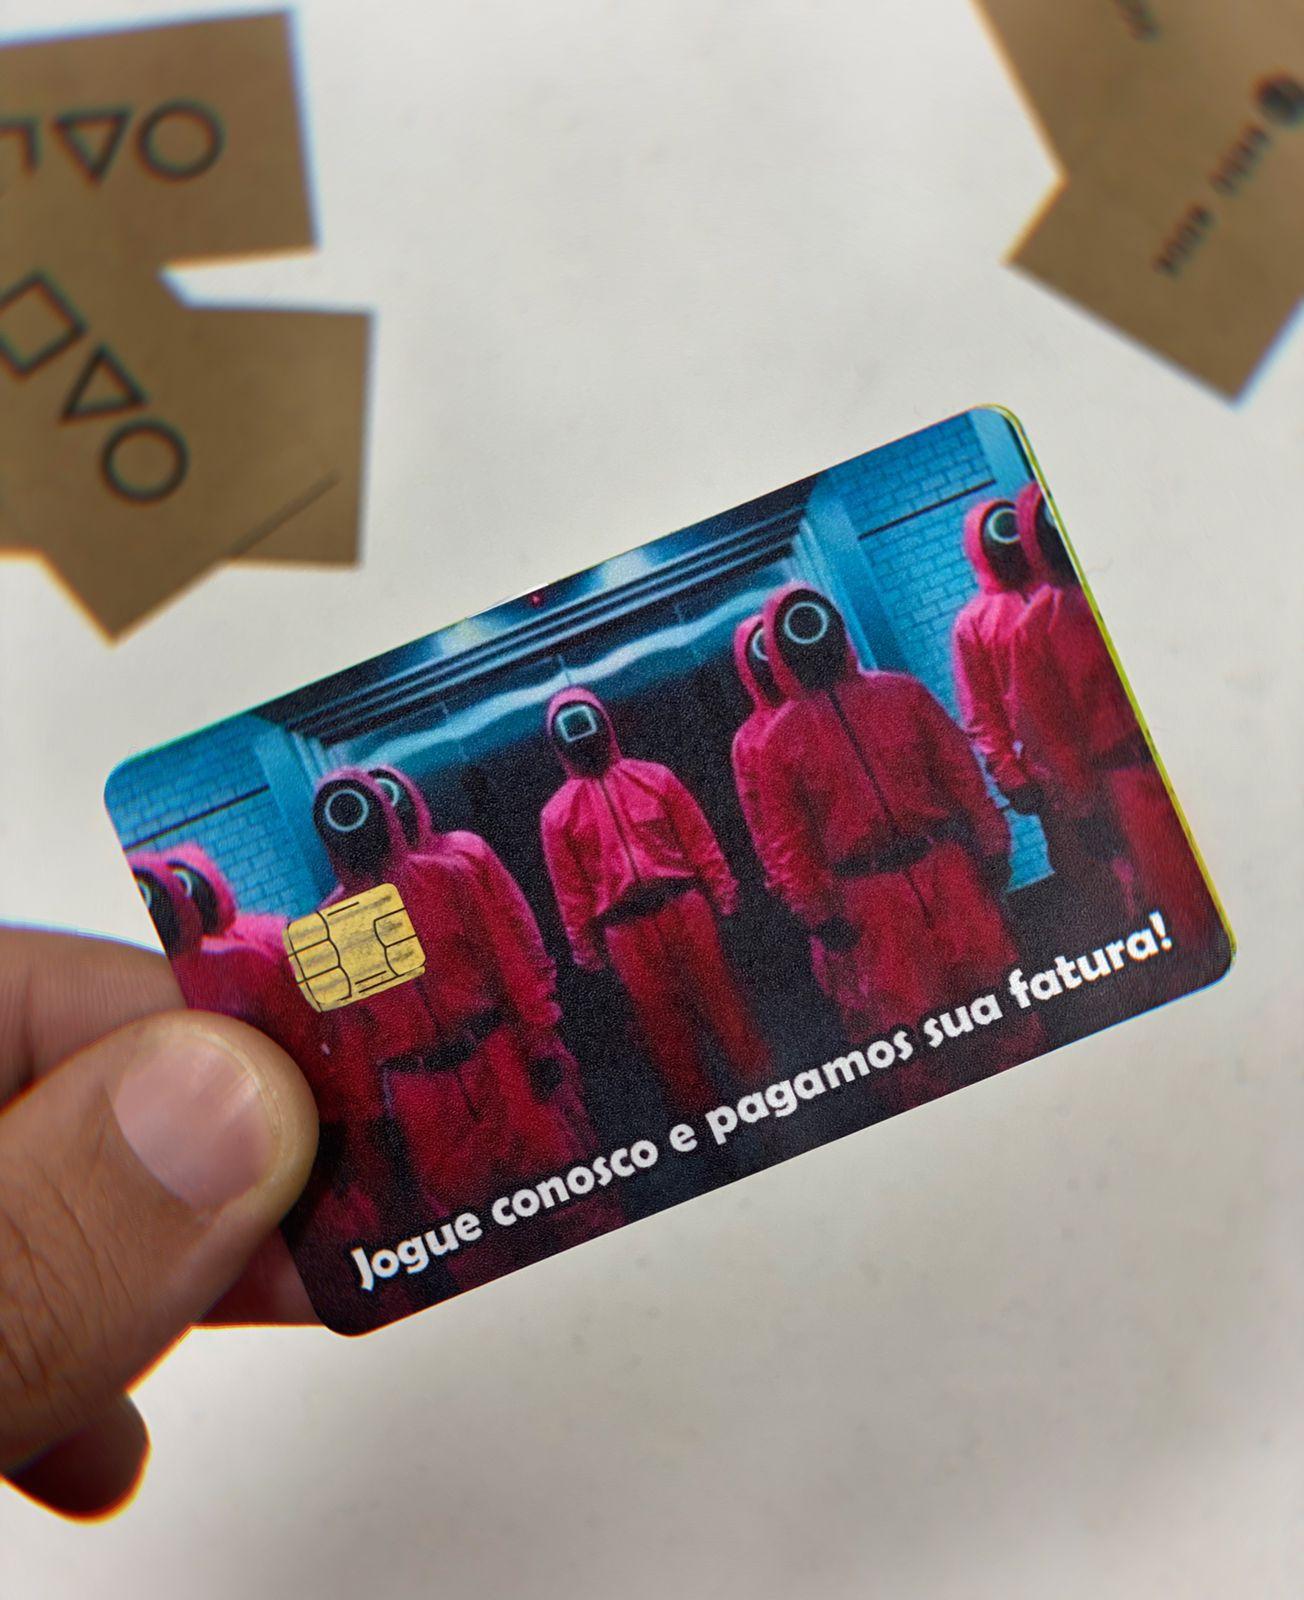 Película Adesiva Geek Cartão de Crédito e Débito Jogue Conosco e Pagamos Sua Fatura! Squid Game Round 6: Netflix - EV